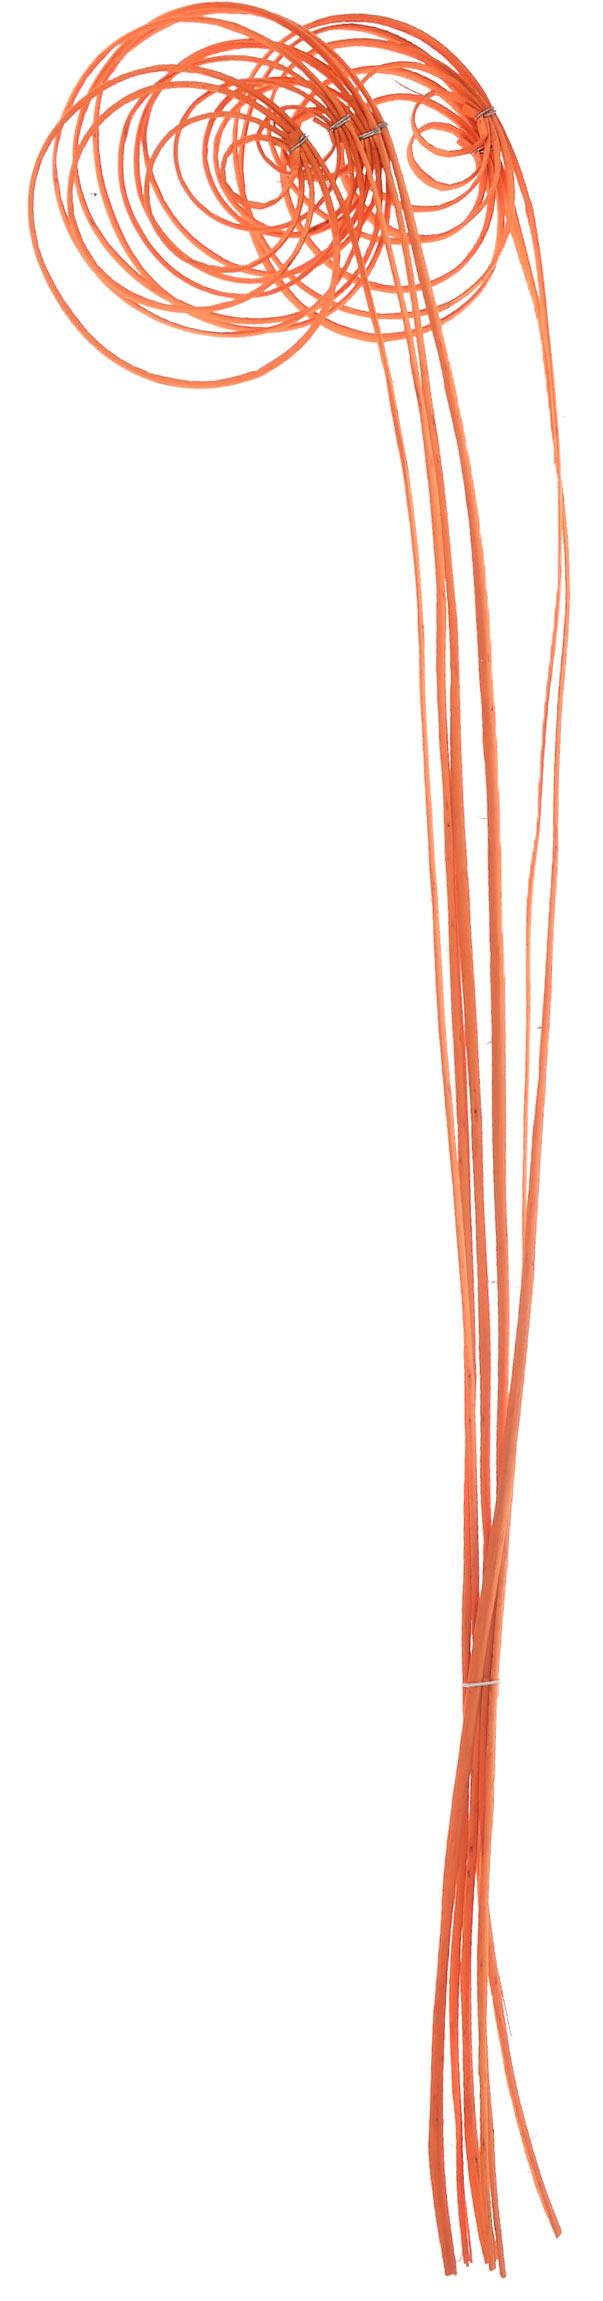 Украшение декоративное Lovemark Завиток. Спираль, цвет: оранжевый, 6 штK100Украшение декоративное Lovemark Завиток. Спираль - великолепный подарок себе и вашим близким. Этот очаровательный предмет интерьера будет приковывать взгляды ваших гостей.Изделия из соломки несут в себе энергию солнечных лучей. Несмотря на свой хрупкий вид, солома - прочный и долговечный материал, а значит не помнется и не поломается со временем. Рекомендации по уходу: изделие должно находиться в сухом помещении.